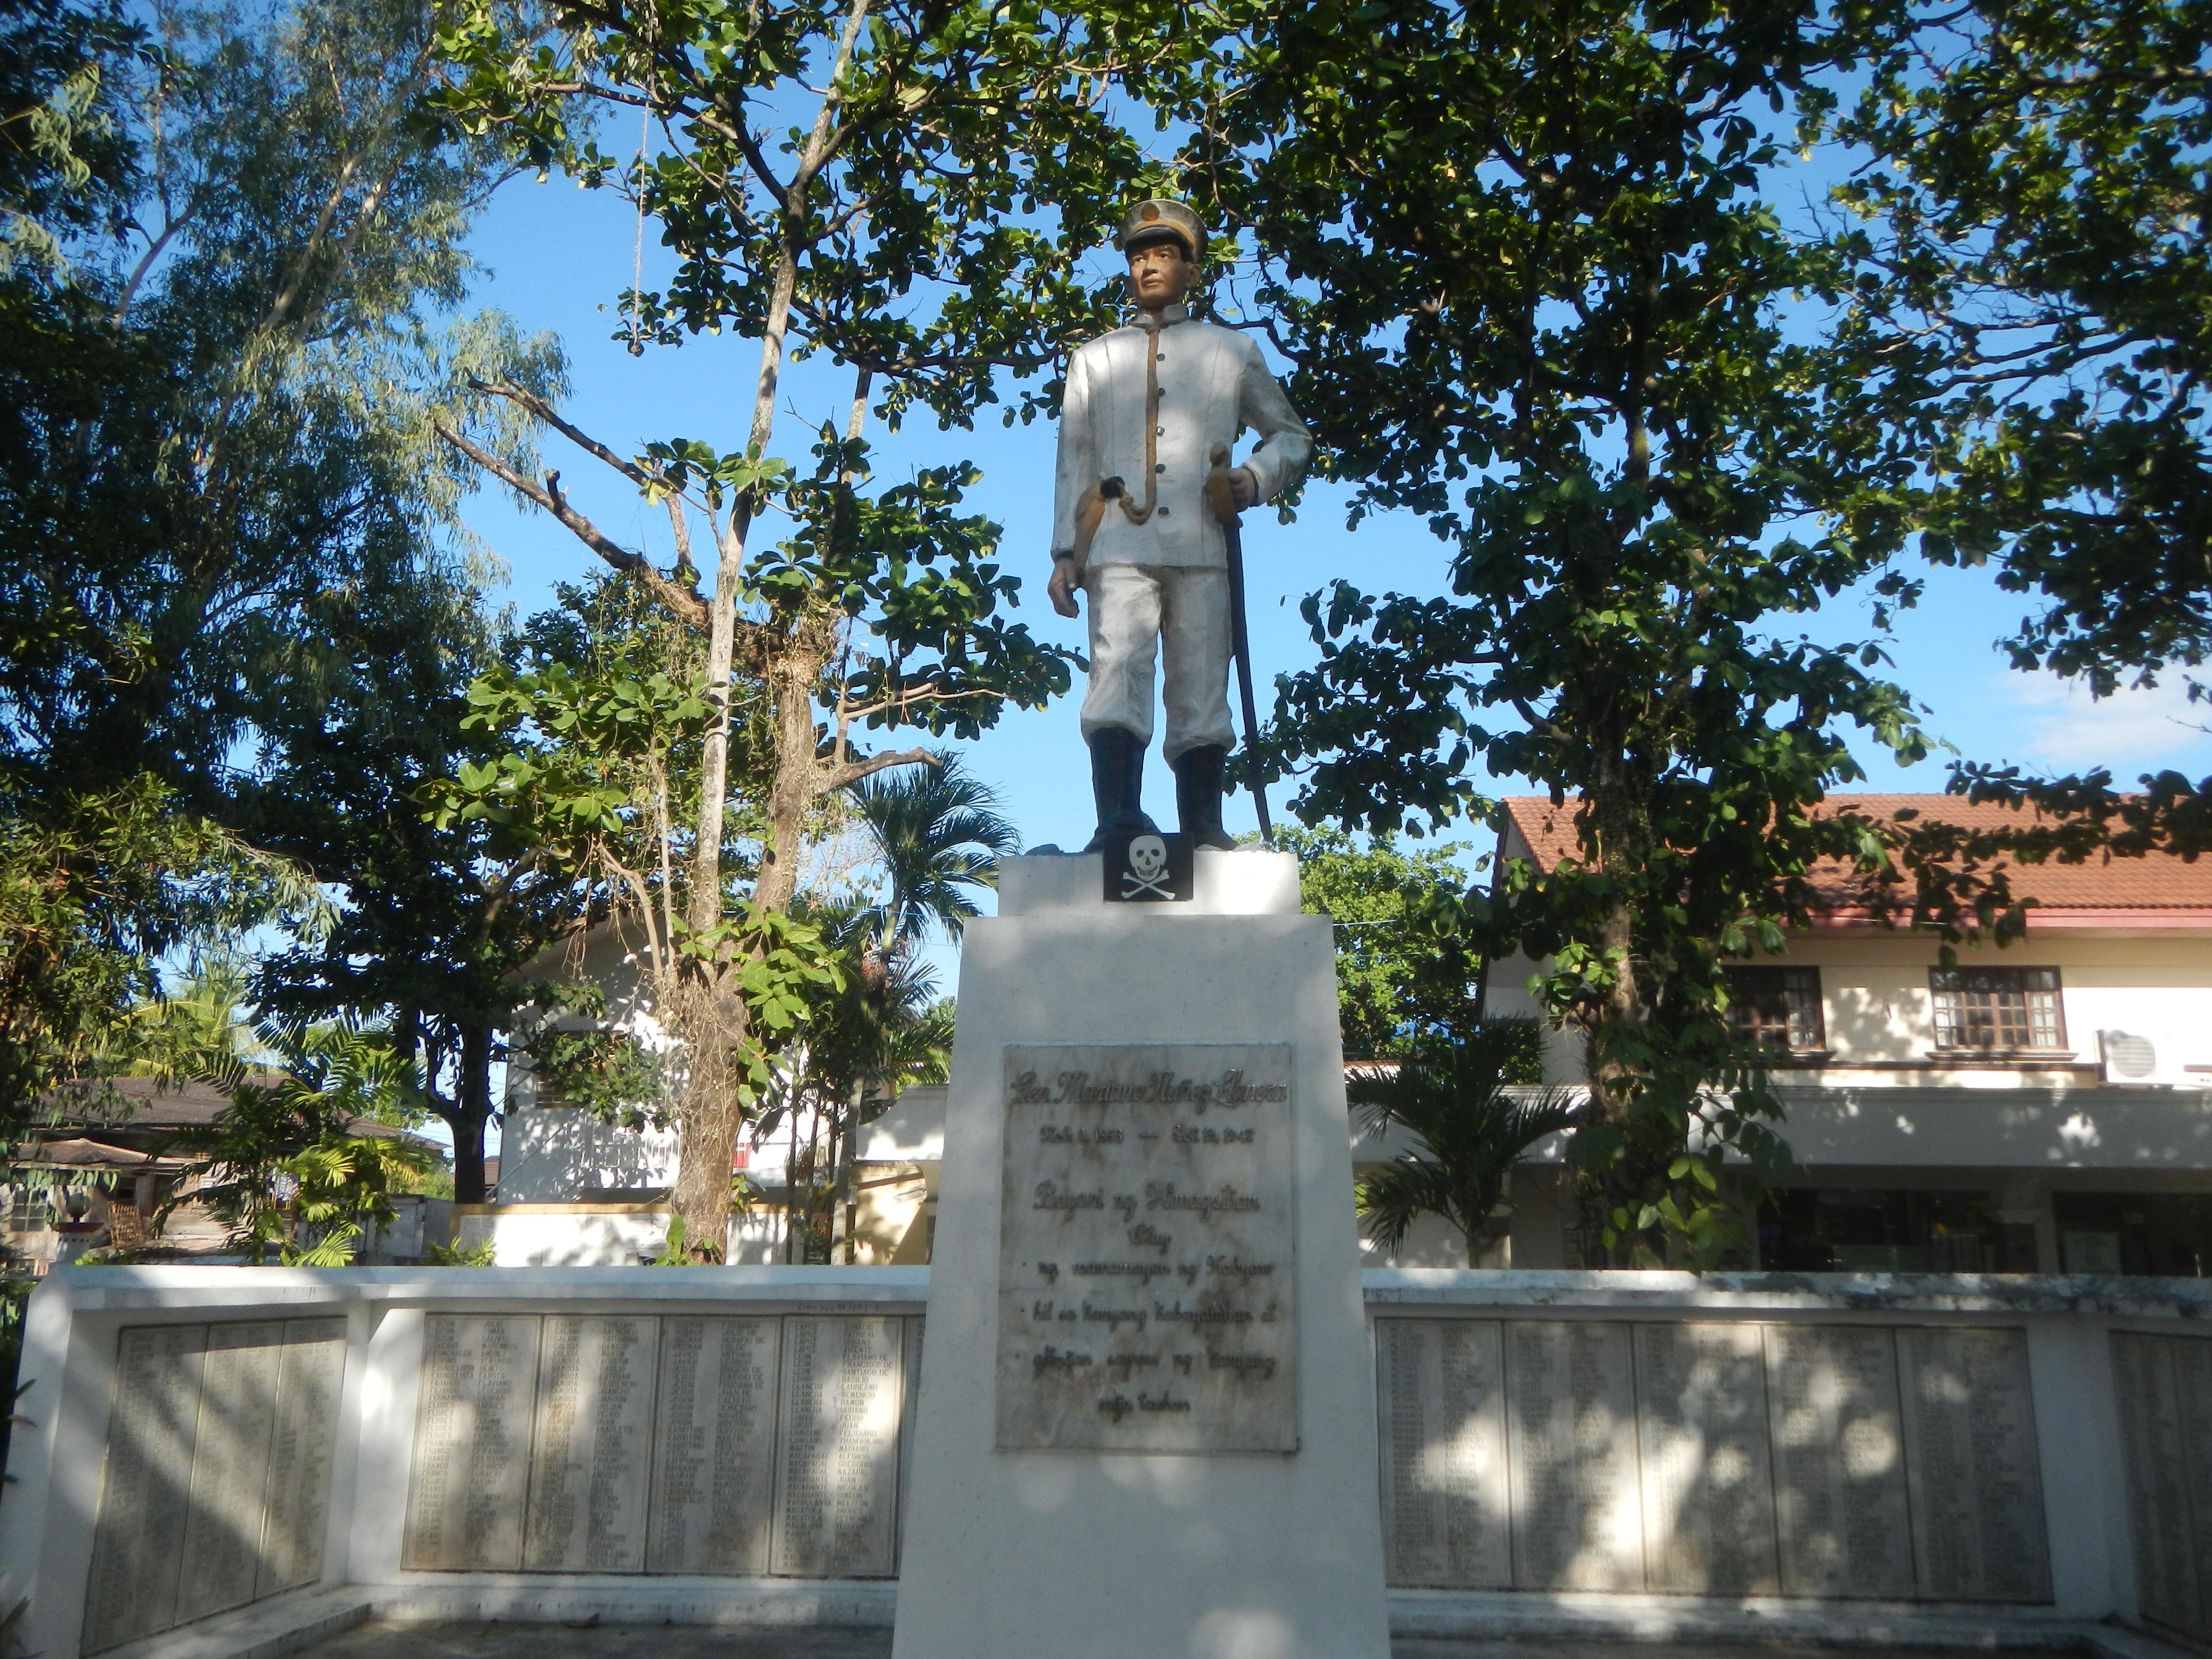 8776Town center Poblacion Cabiao, Nueva Ecija Landmarks 41.jpg English: Renovation of Cabiao Municipal Hall (Cry of Nueva Ecija - Mamerto Natividad, Mariano